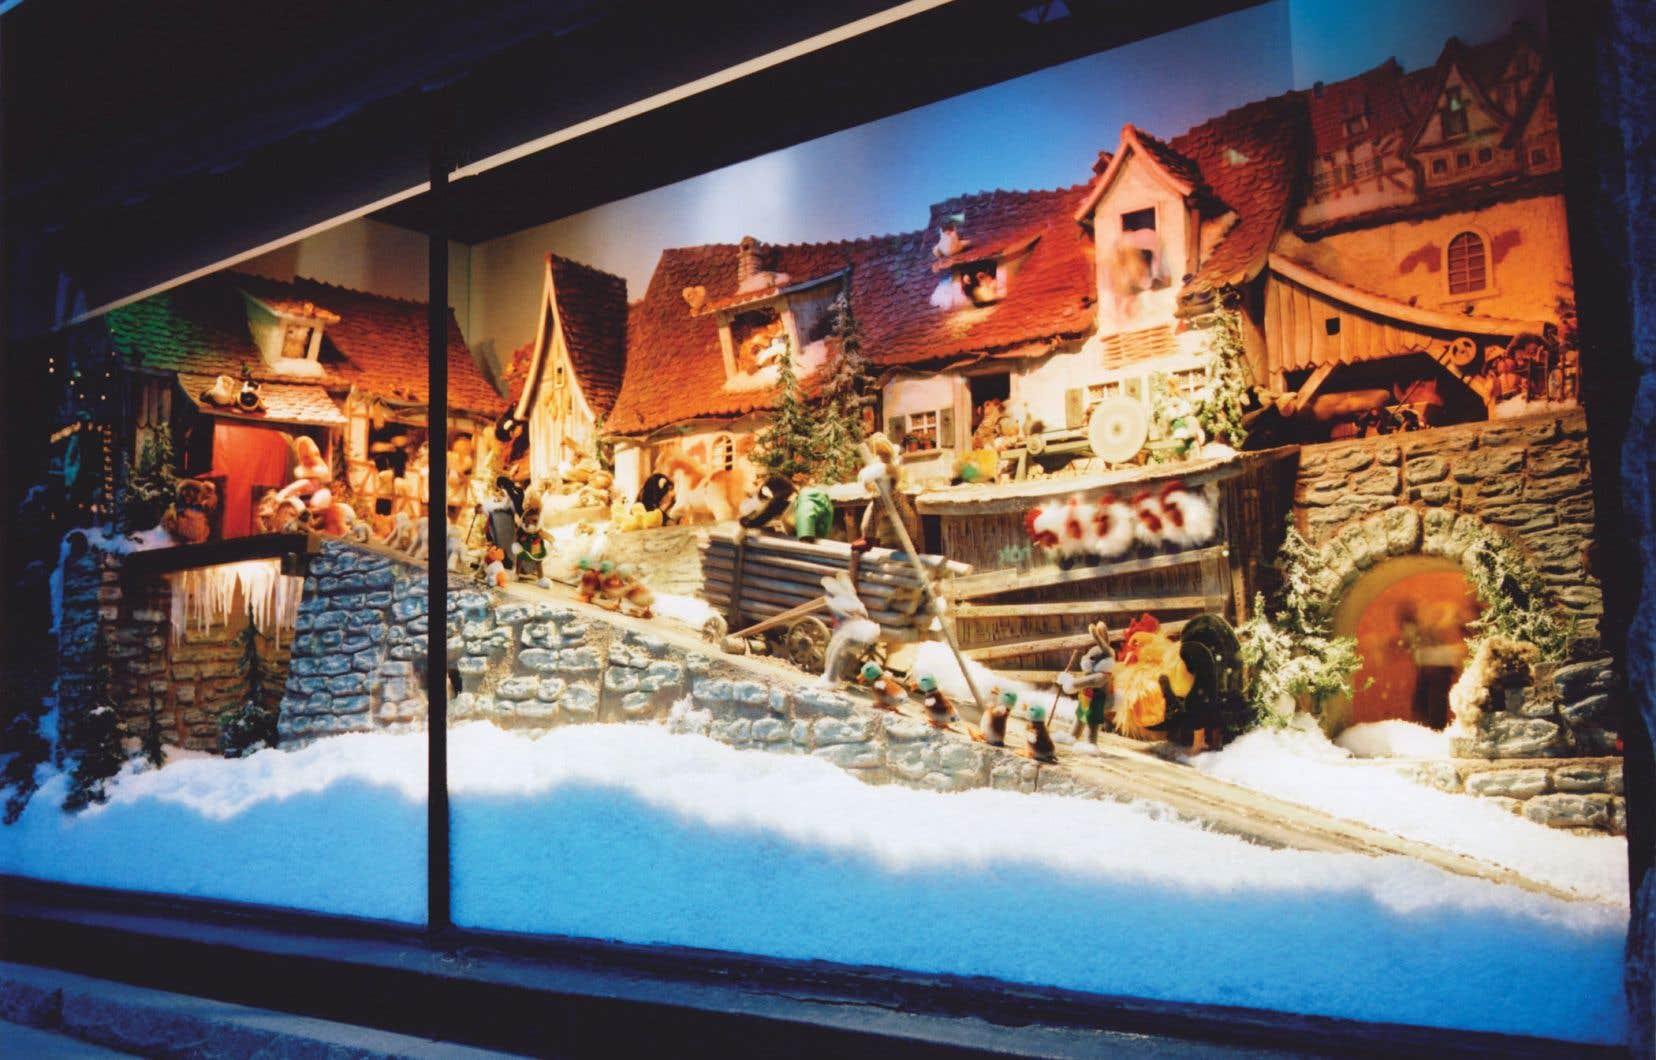 Conçues sur mesure par un fabricant de jouets allemand en 1947, les vitrines mécaniques de La Maison Ogilvy, léguées en mars 2018 au Musée McCord, mettent en vedette de petits animaux en plein décor bavarois.